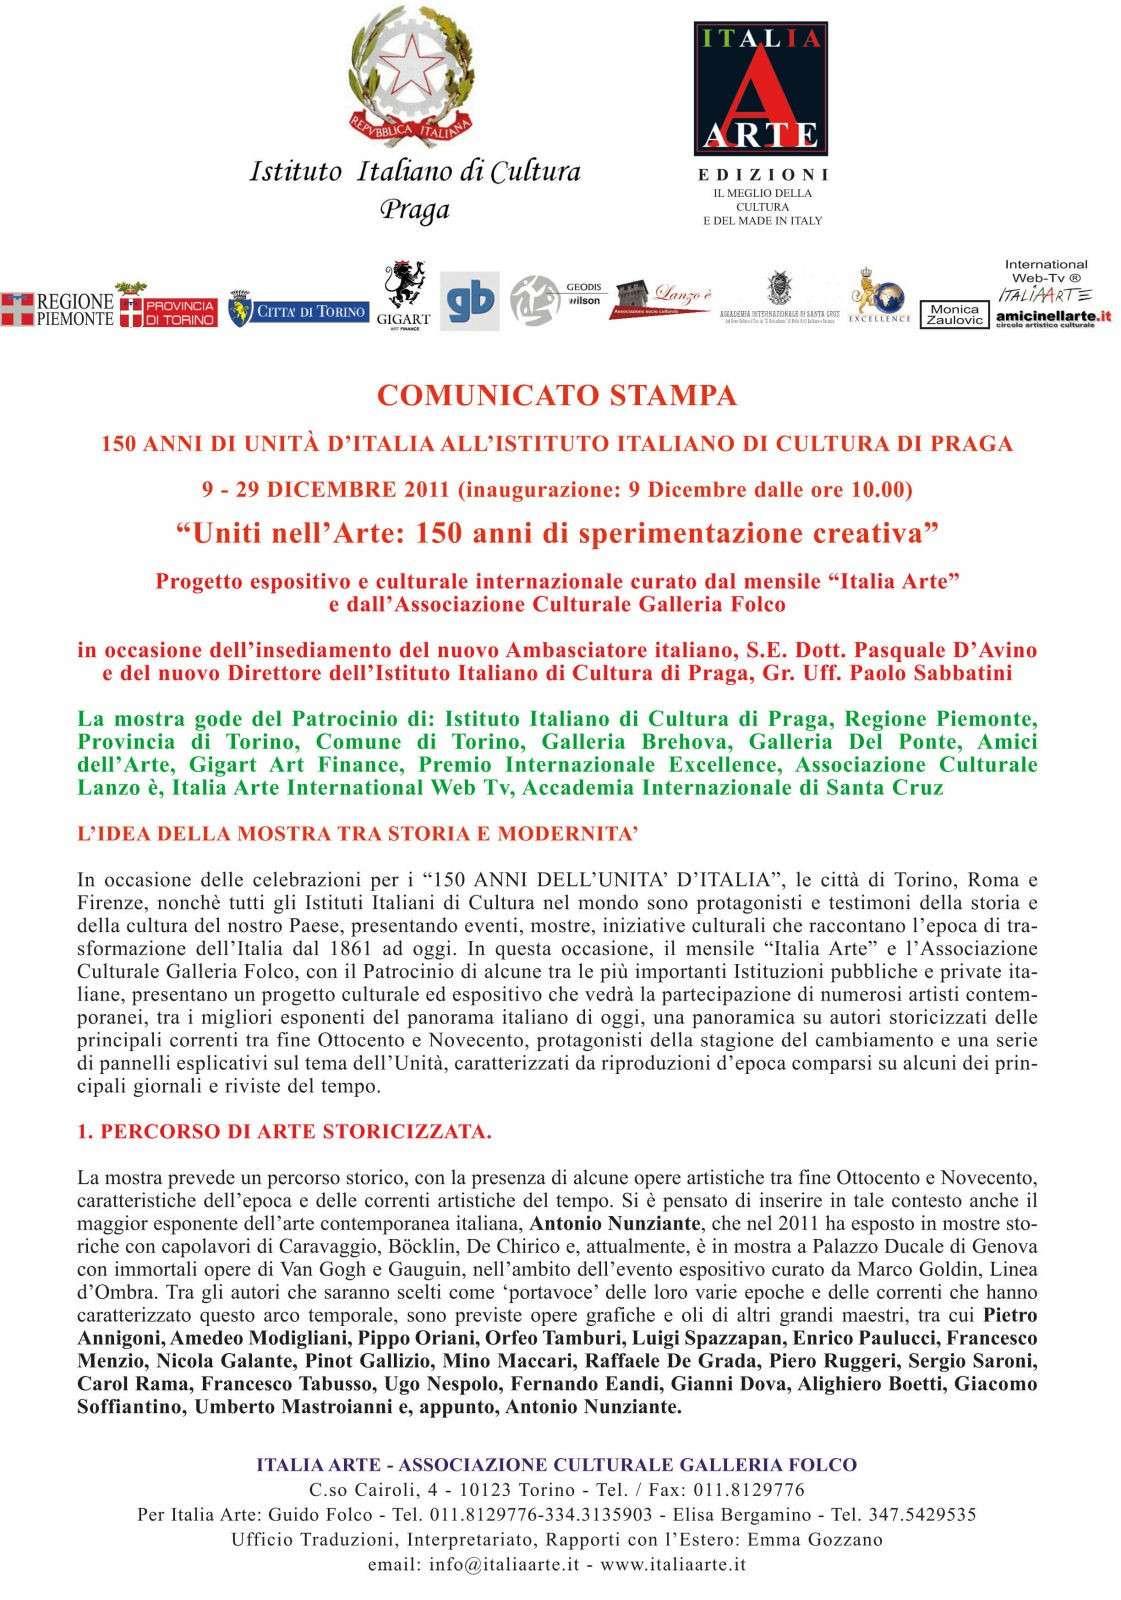 """MOSTRA A PRAGA: """"Uniti nell'Arte: 150 anni di sperimentazione creativa"""" 9-29 Dicembre 2011 2011pr10"""